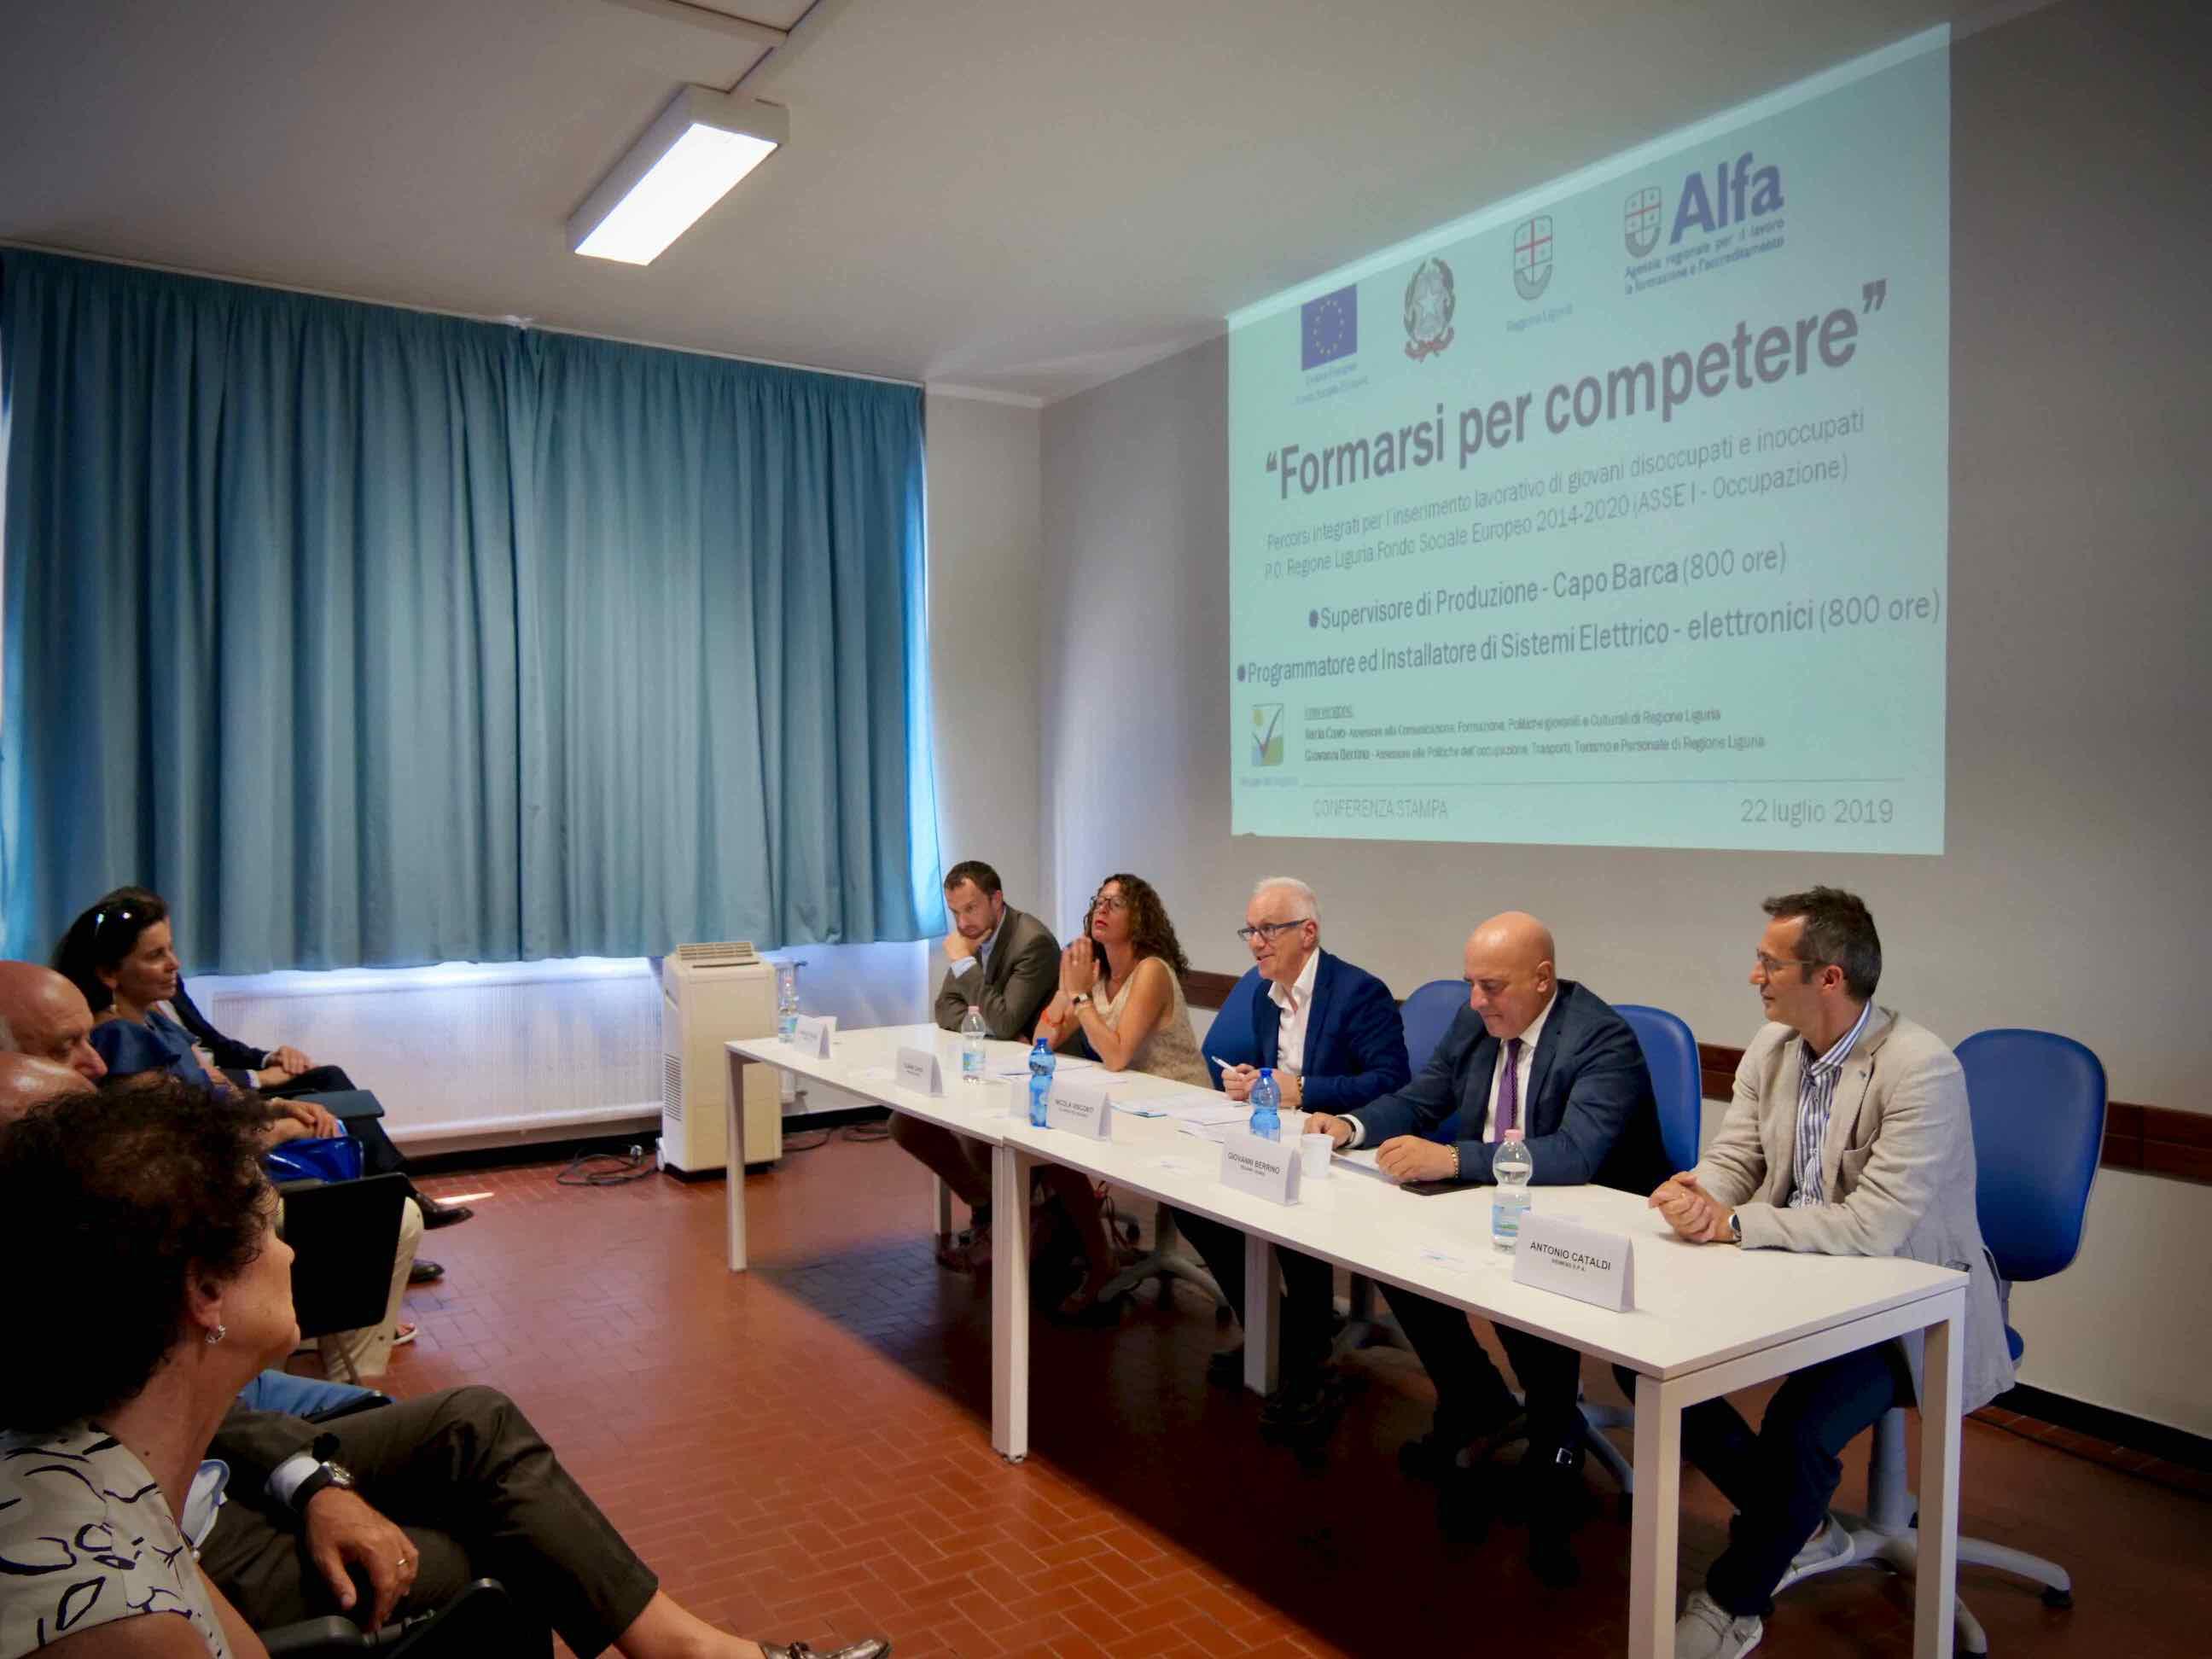 Conferenza Stampa presentazione Corsi Formarsi per Competere 2019.07.22 - 5